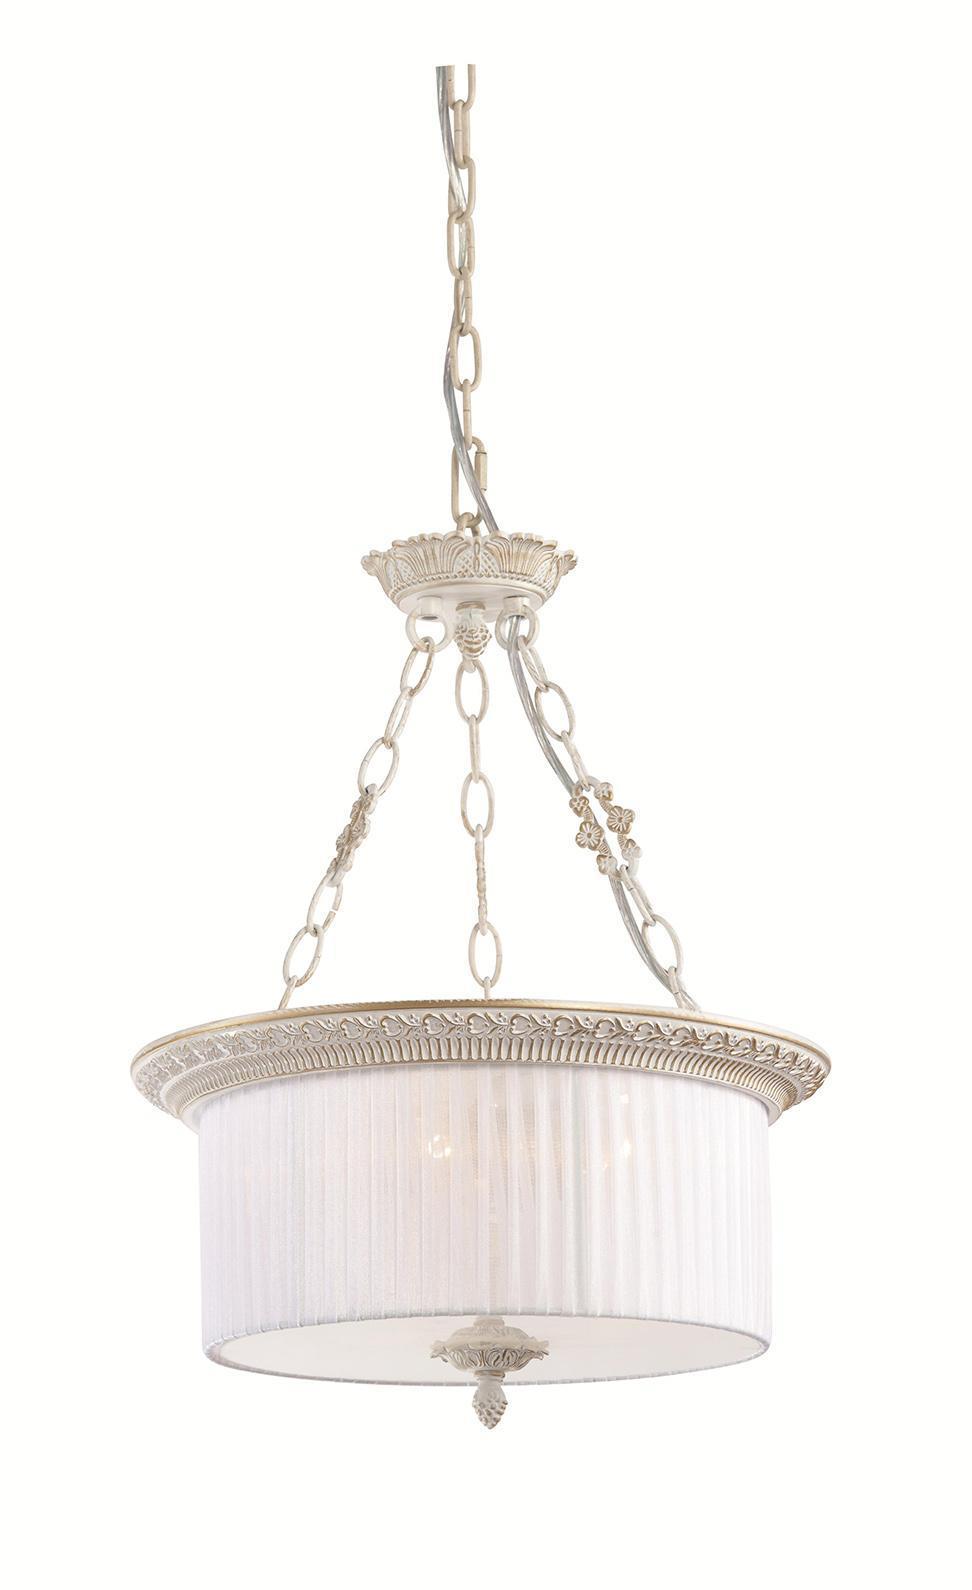 Подвесной светильник ST-Luce. SL134.503.03SL134.503.03Светильник SL134.503.03 - это красивый и оригинальный светильник, который поможет создать в доме неповторимую атмосферу тепла и комфорта. Данная модель изготовлена из высококачественных материалов, благодаря чему светильник прослужит длительный срок, а его элегантная форма подойдет для любого интерьера.